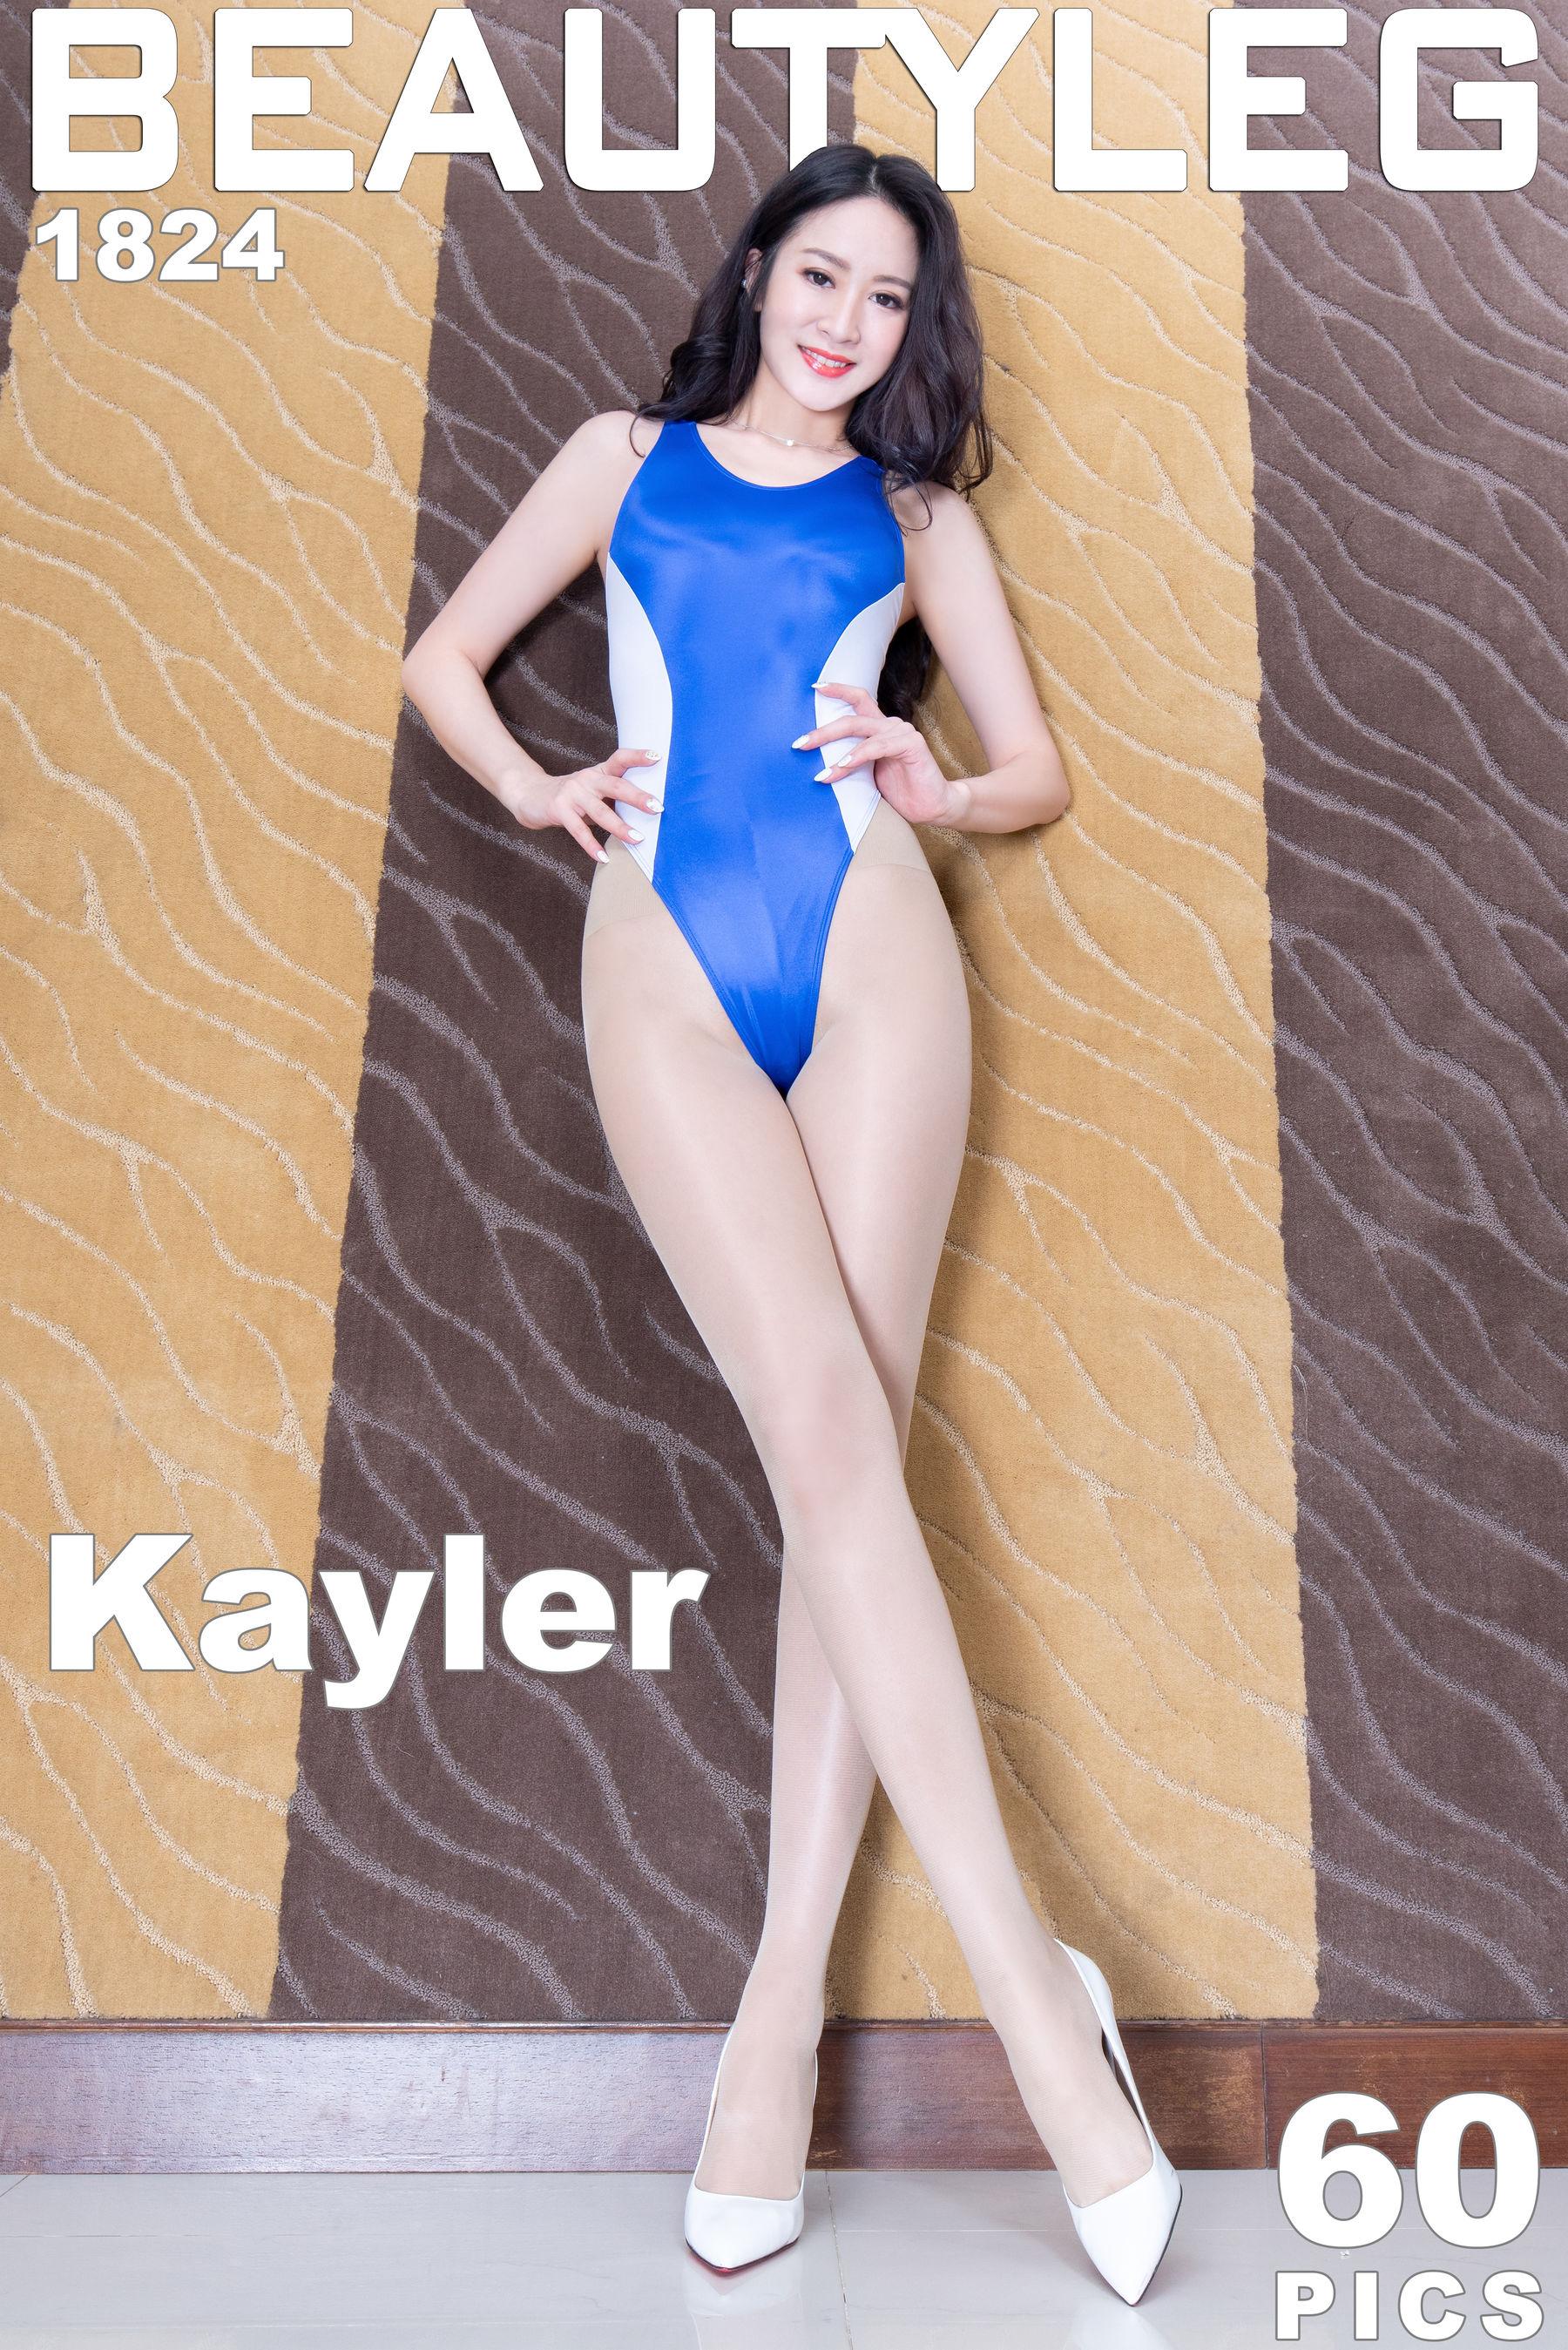 VOL.1863 [Beautyleg]高叉泳装长腿美女:康凯乐(腿模Kaylar)超高清个人性感漂亮大图(55P)